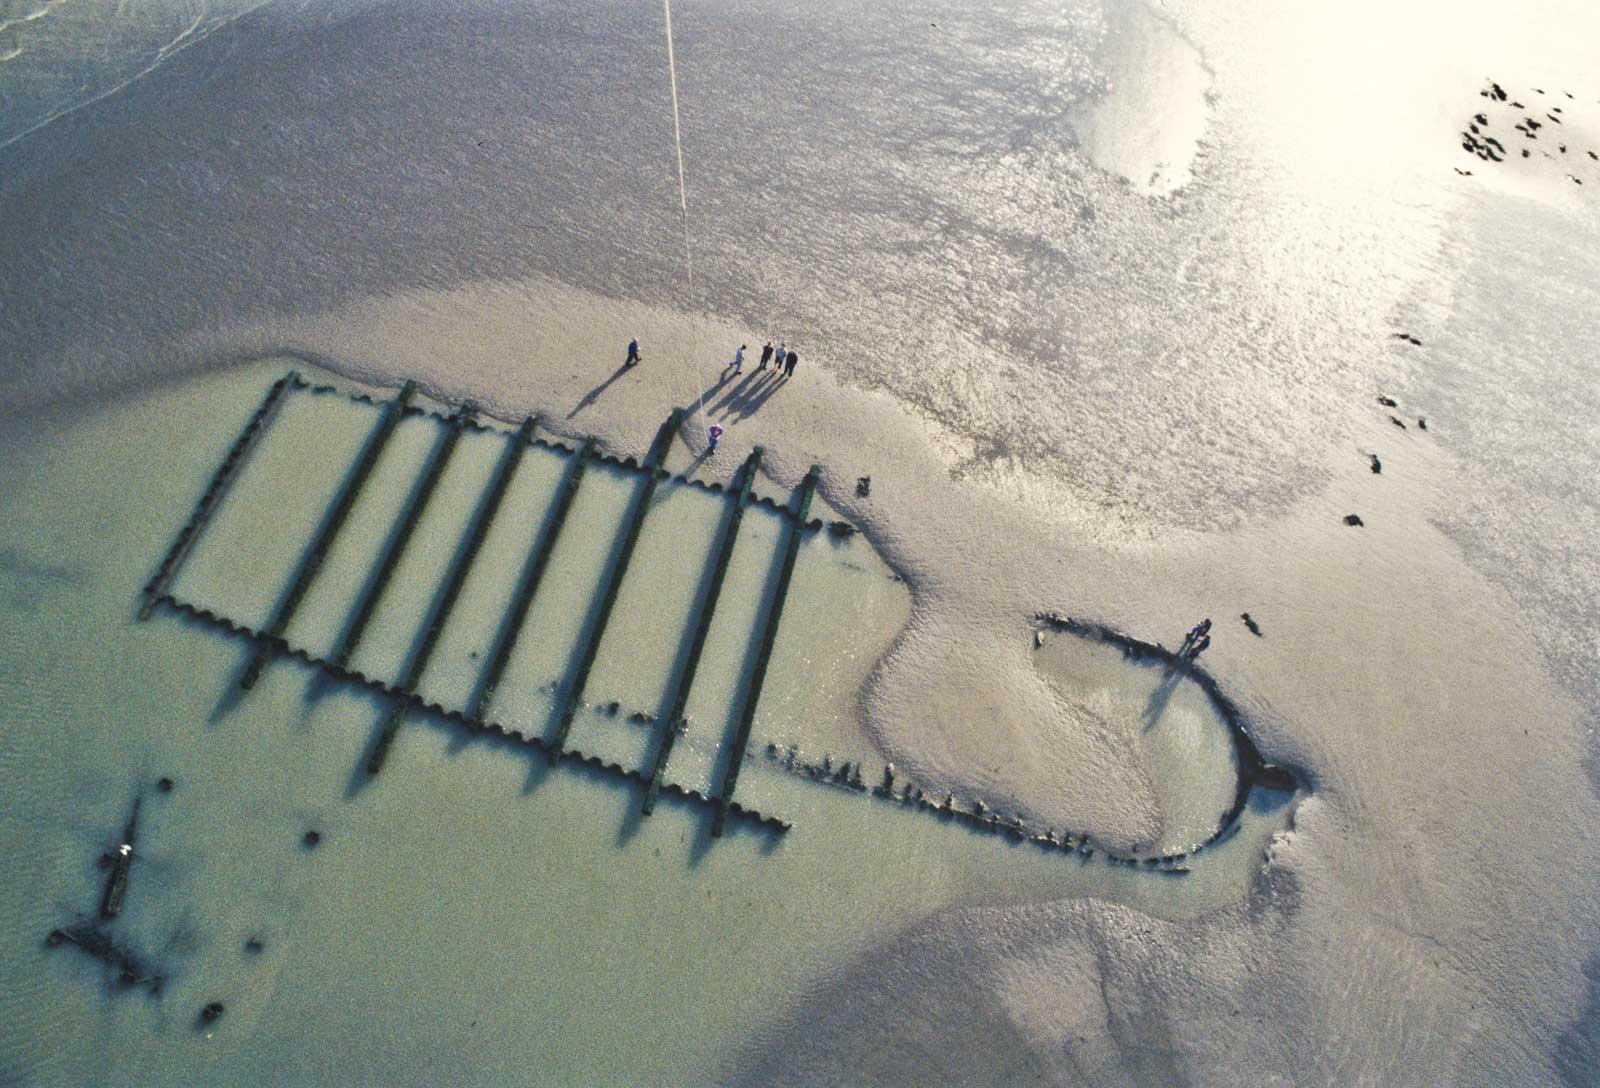 VOC-schip-Amsterdam-expeditie-1996-3-2.jpg